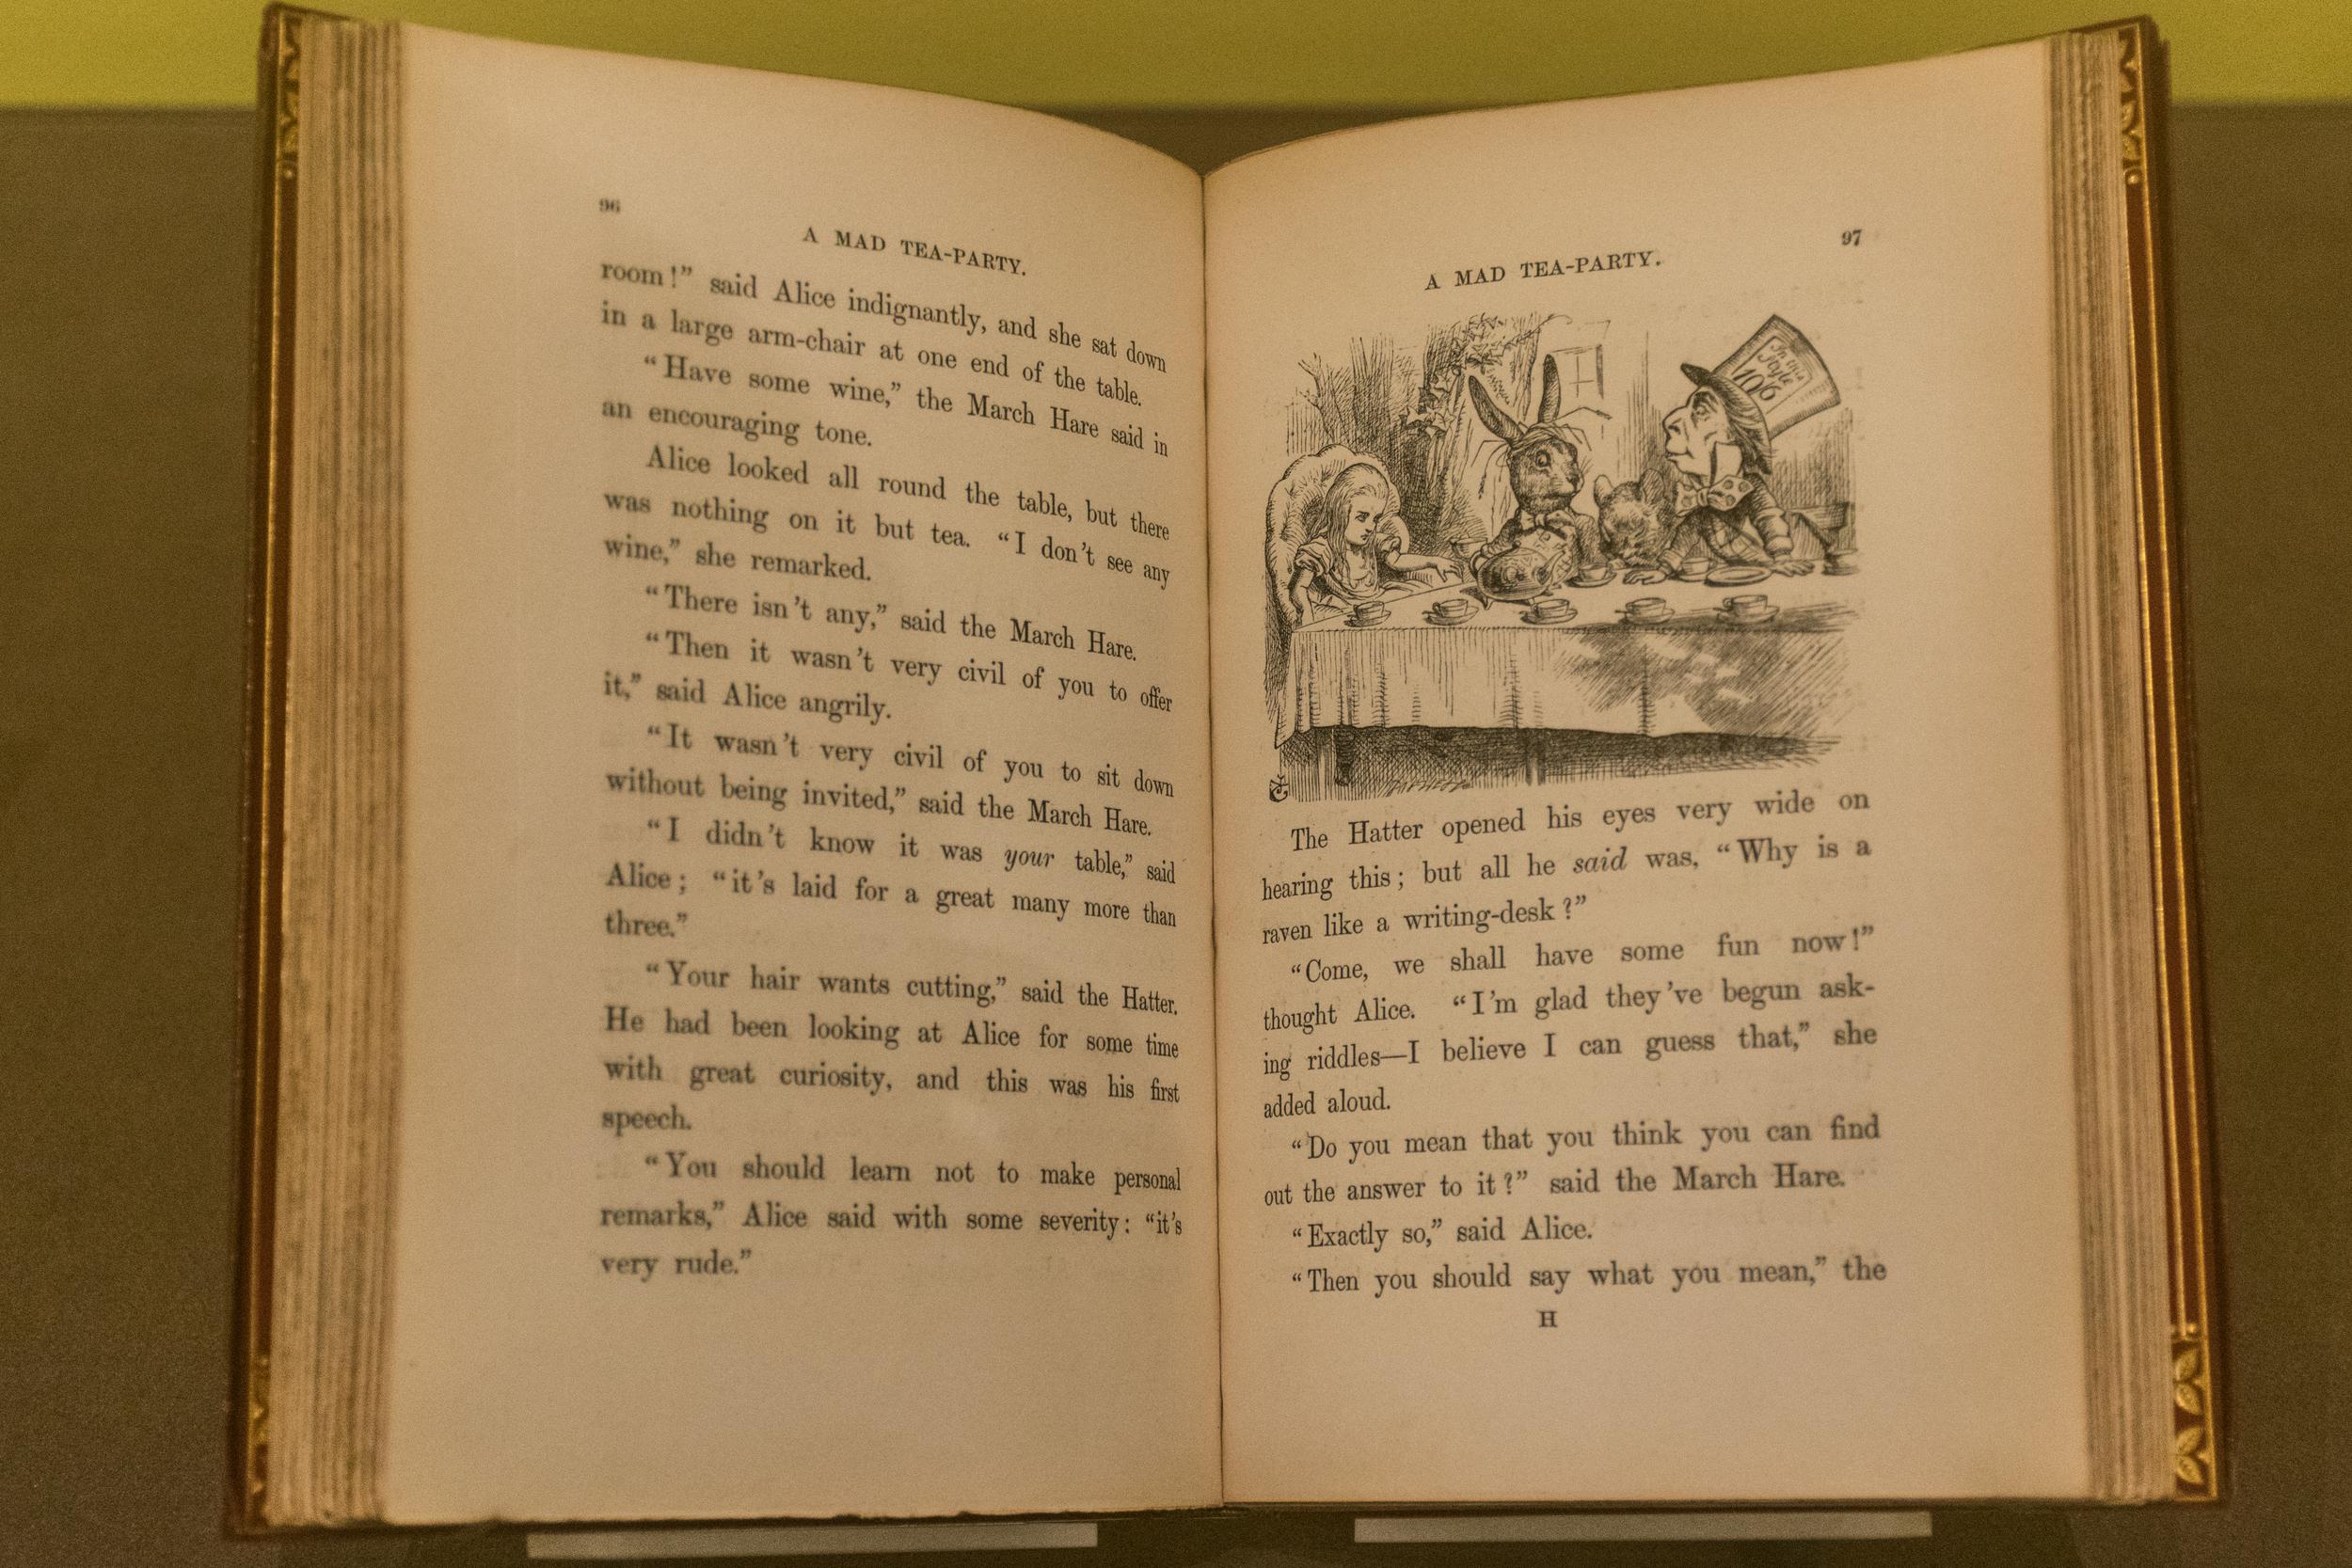 One of the rare remaining original copies of Alice in Wonderland